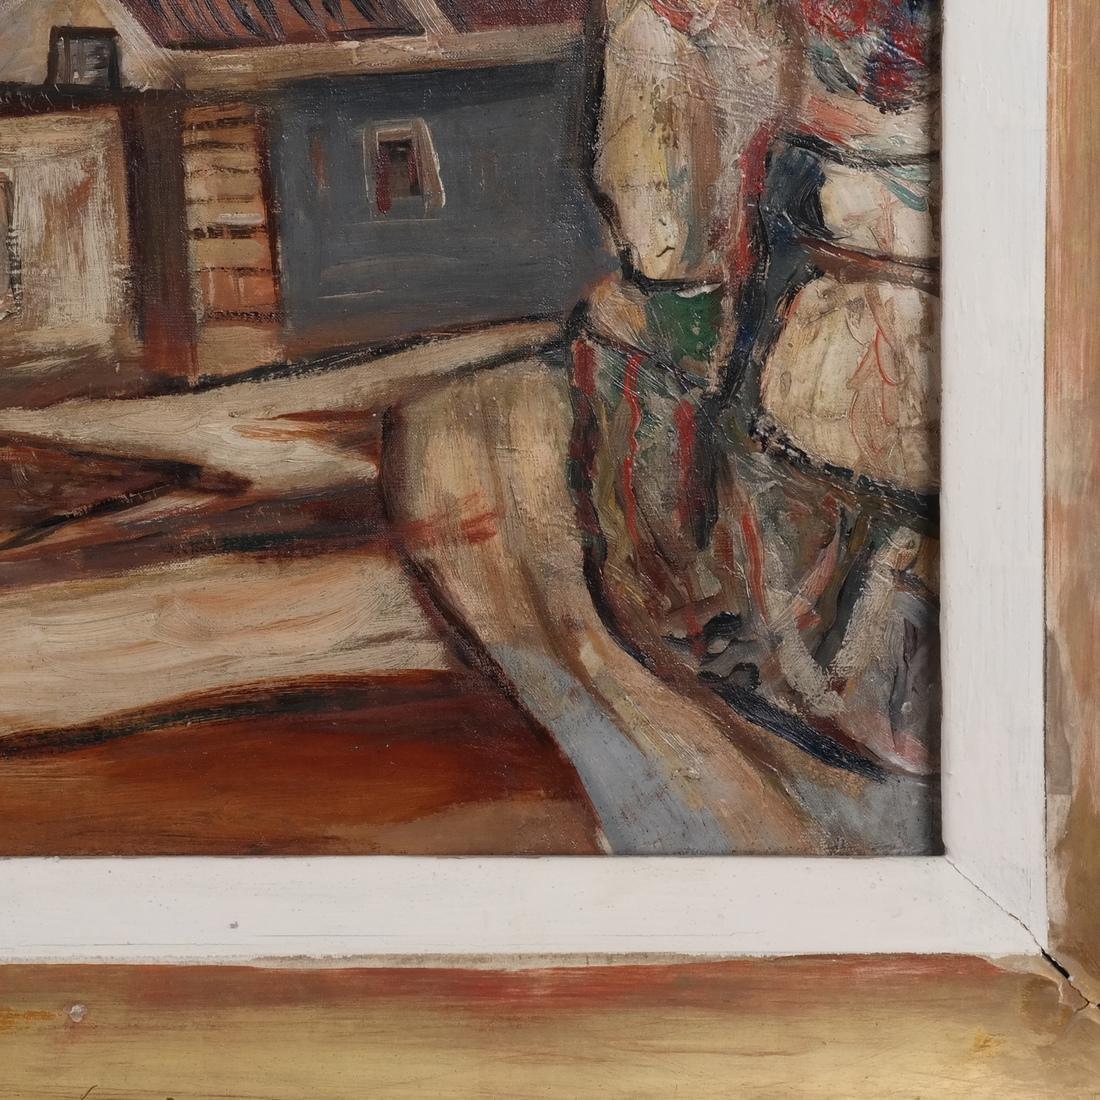 Paul Burlin, Untitled (Village on the Sea) - 5